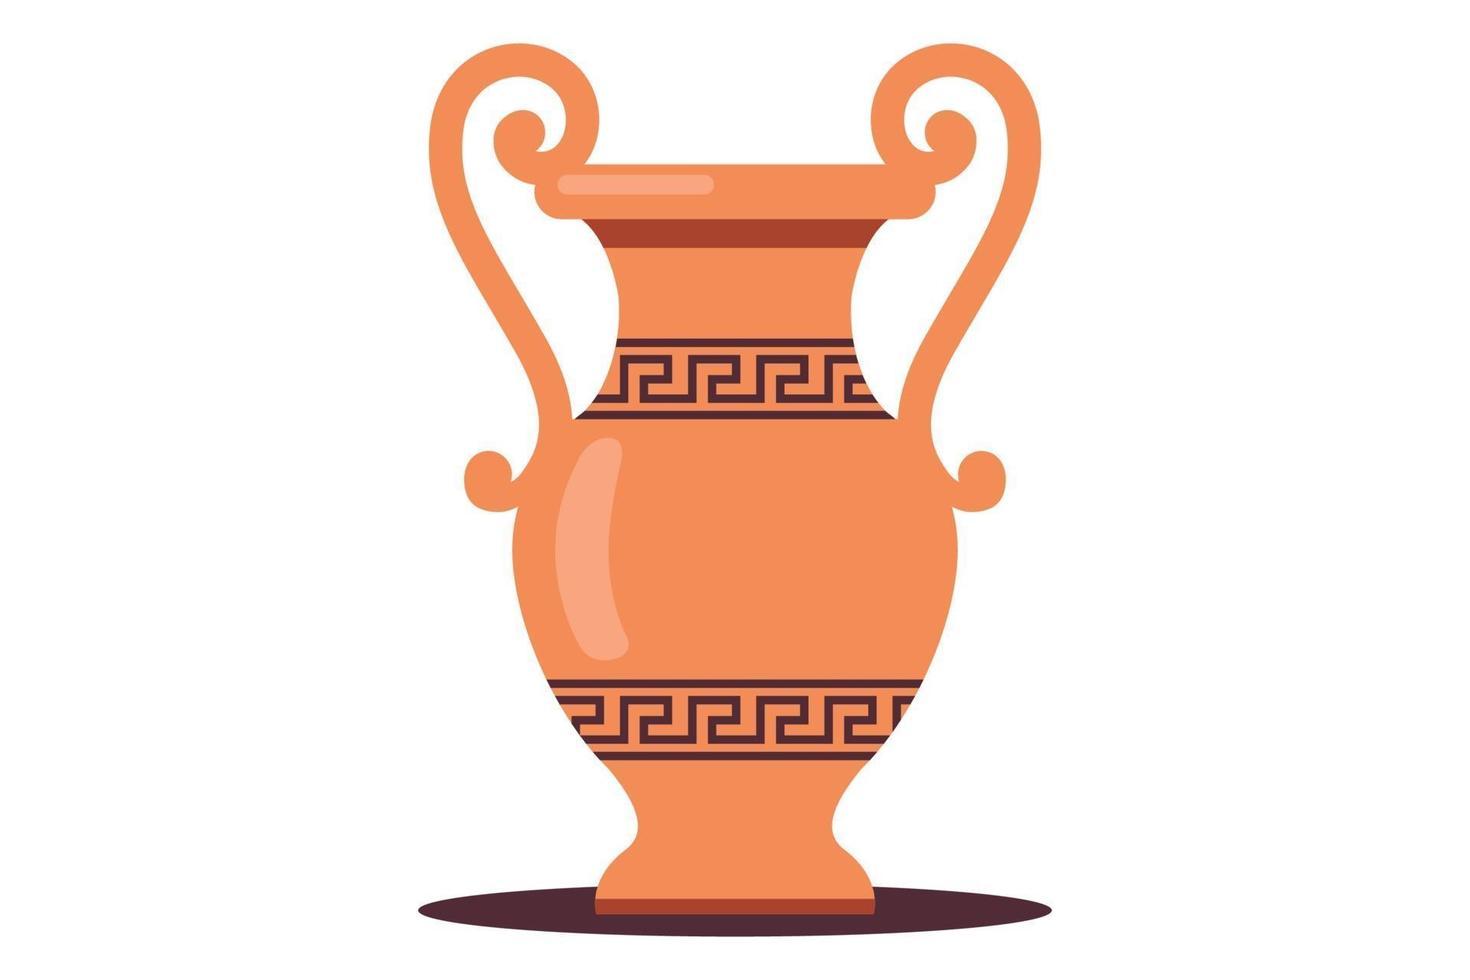 jarro de água de barro grego antigo. ilustração em vetor plana isolada no fundo branco.